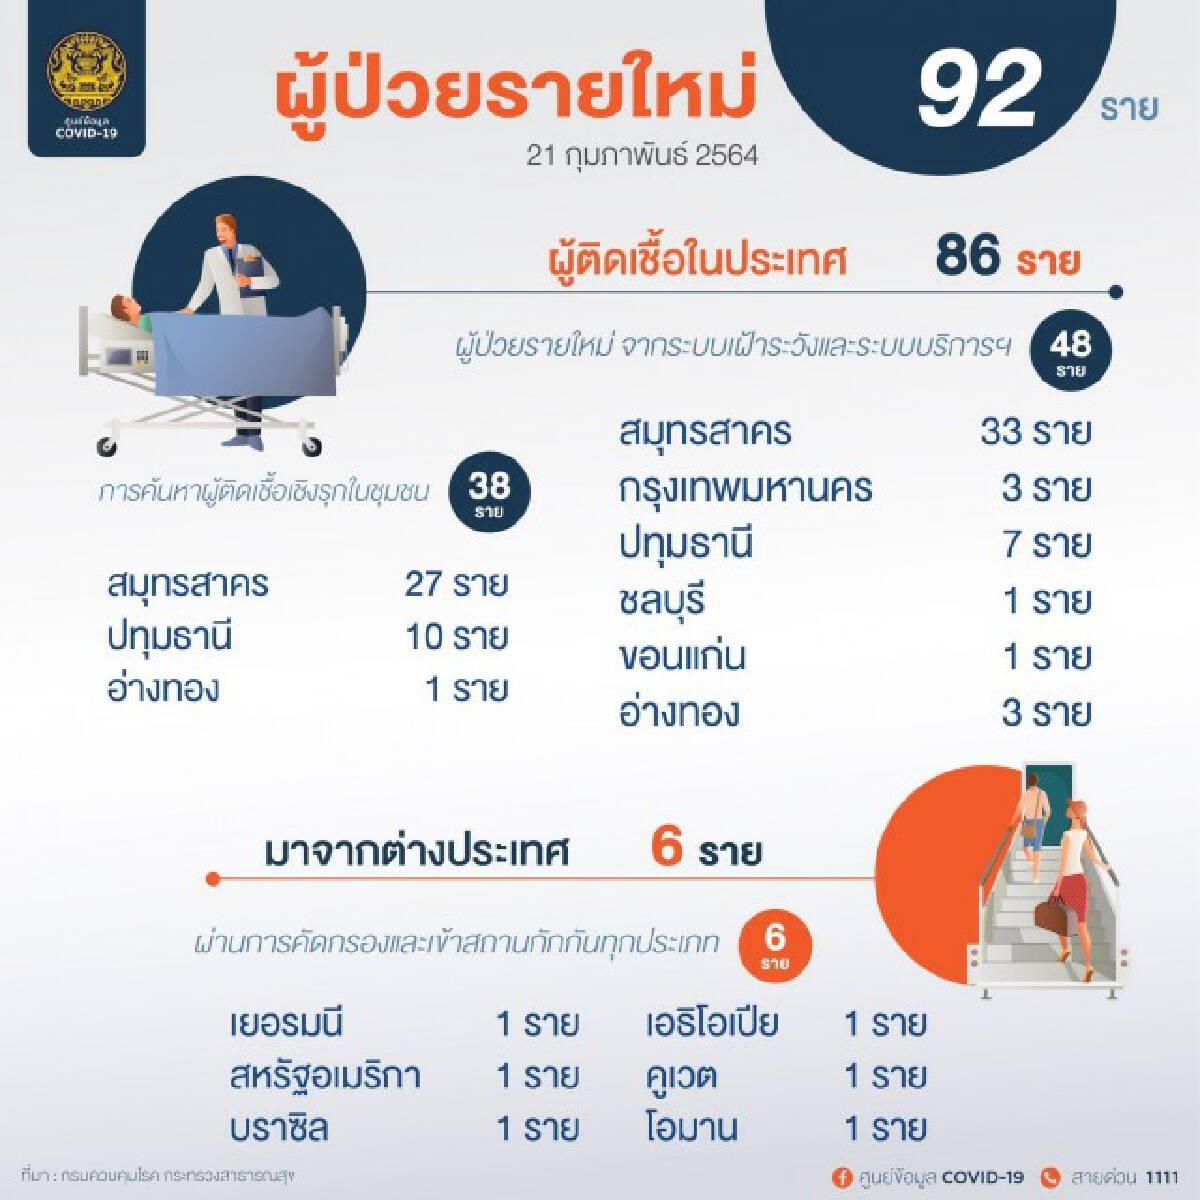 ศบค. เผยไทยพบผู้ติดเชื้อรายใหม่ 92 ราย ยอดสะสม 25,415 ราย